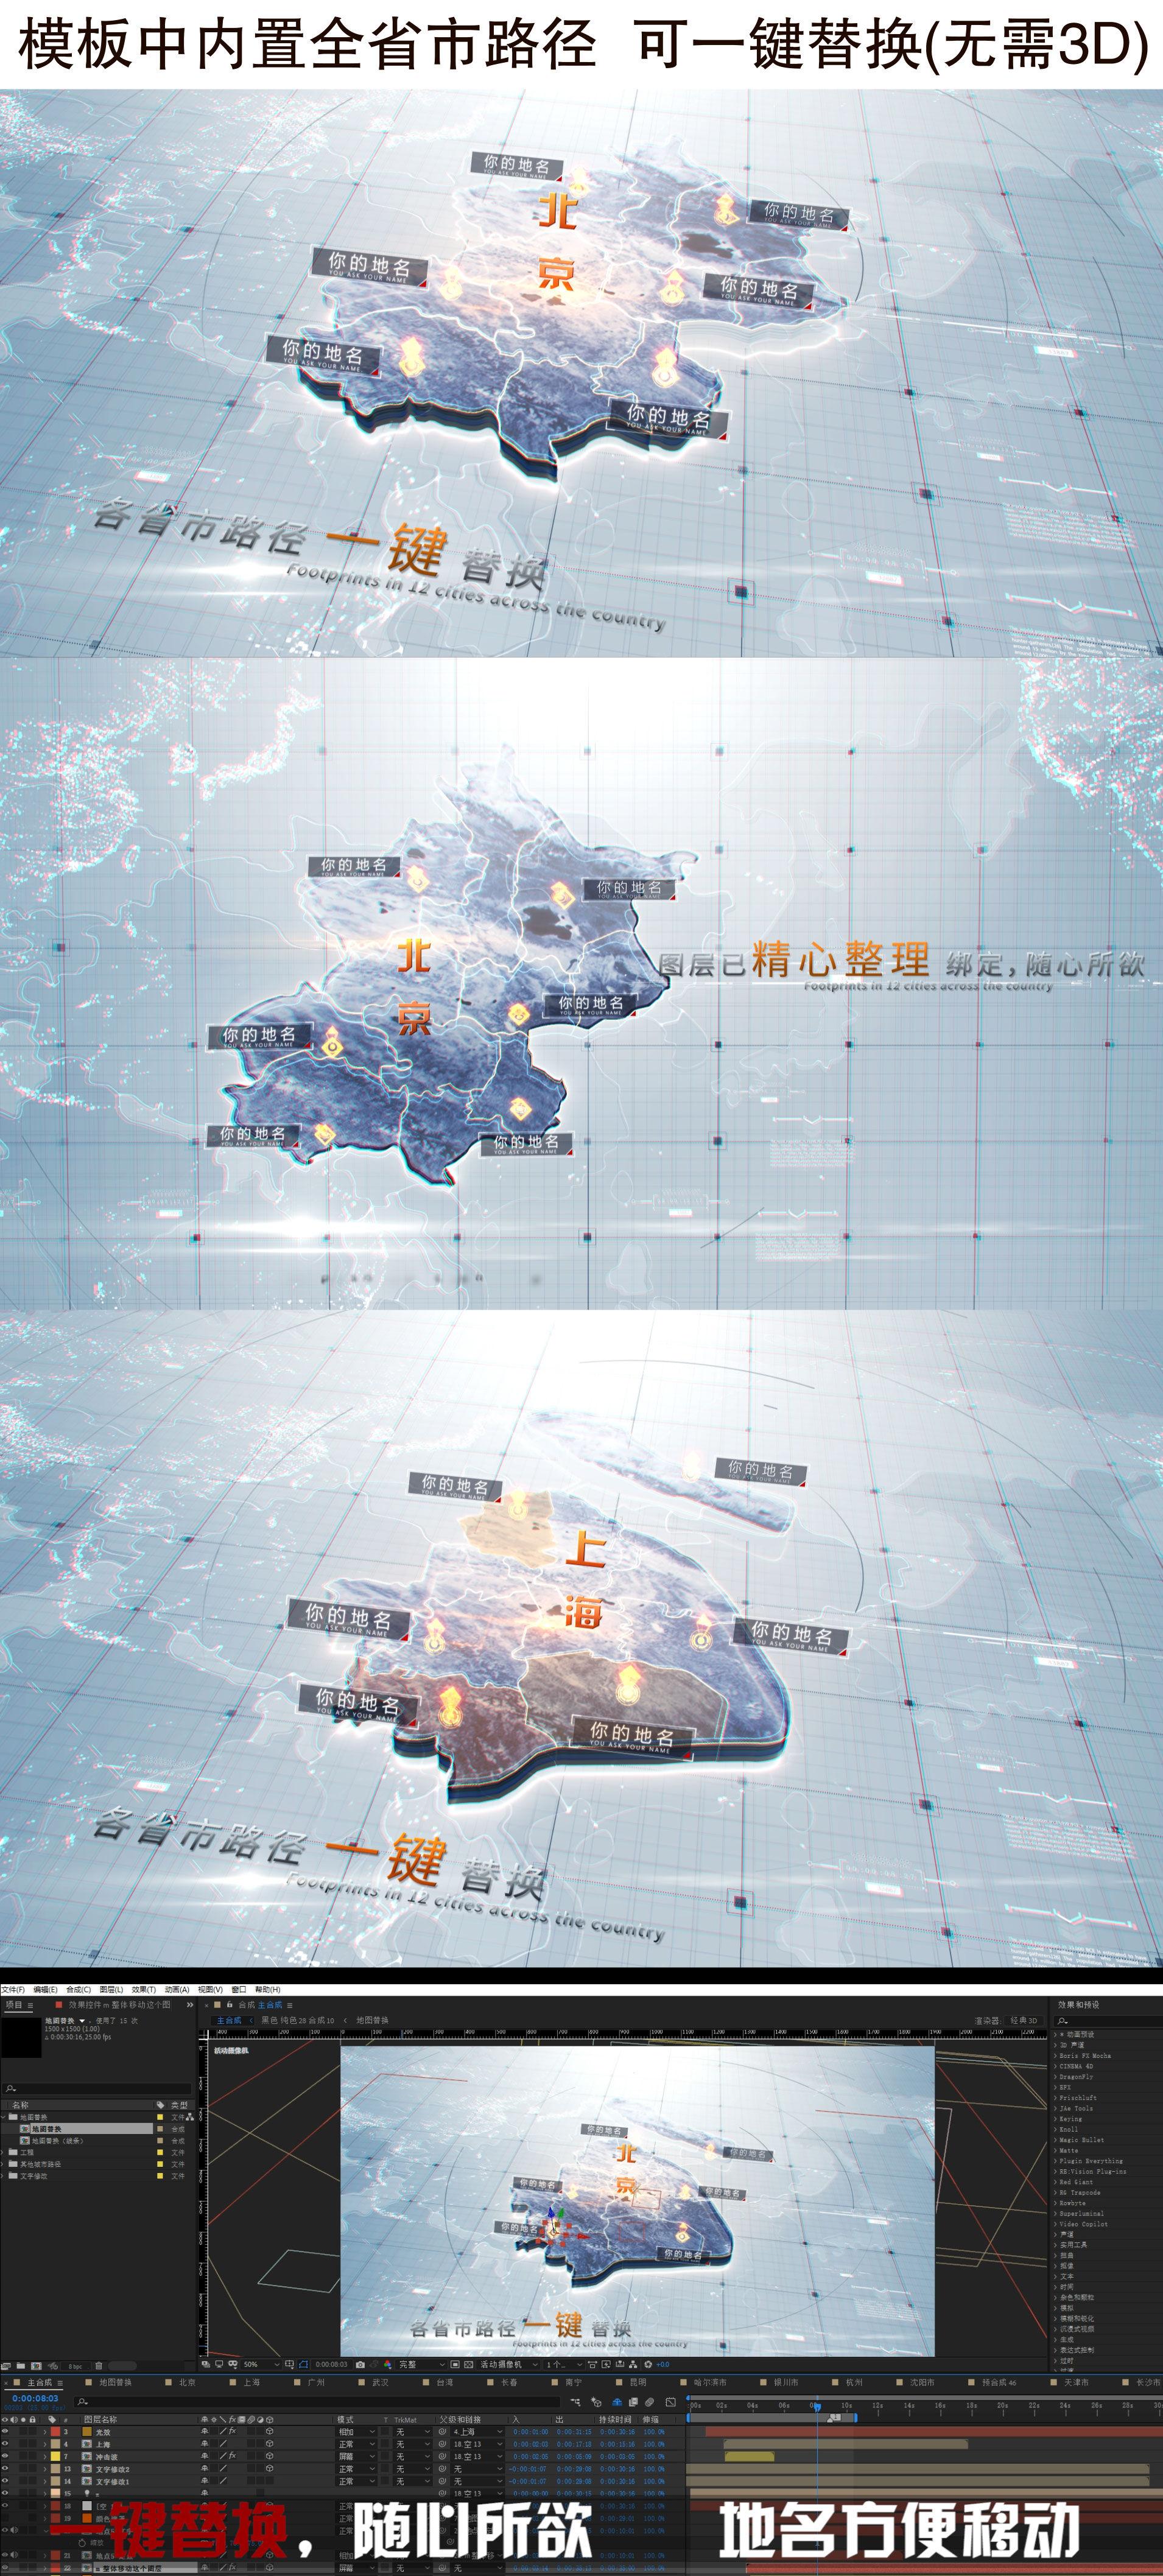 地图区位定位